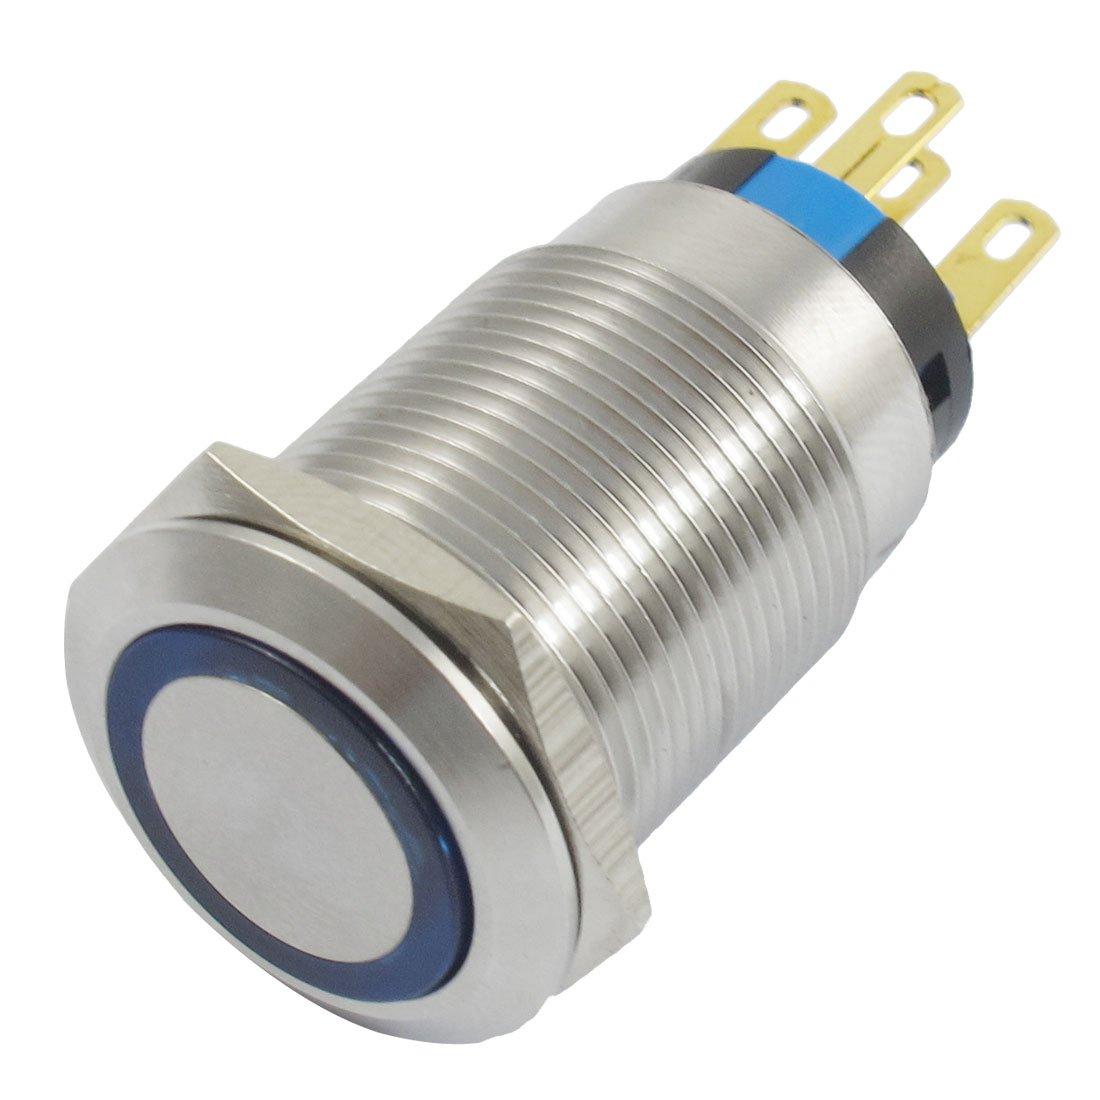 24 V azul de auto-bloqueo contacto SPDT inoxidable interruptor de botó n Sourcingmap SYNCTEA001506